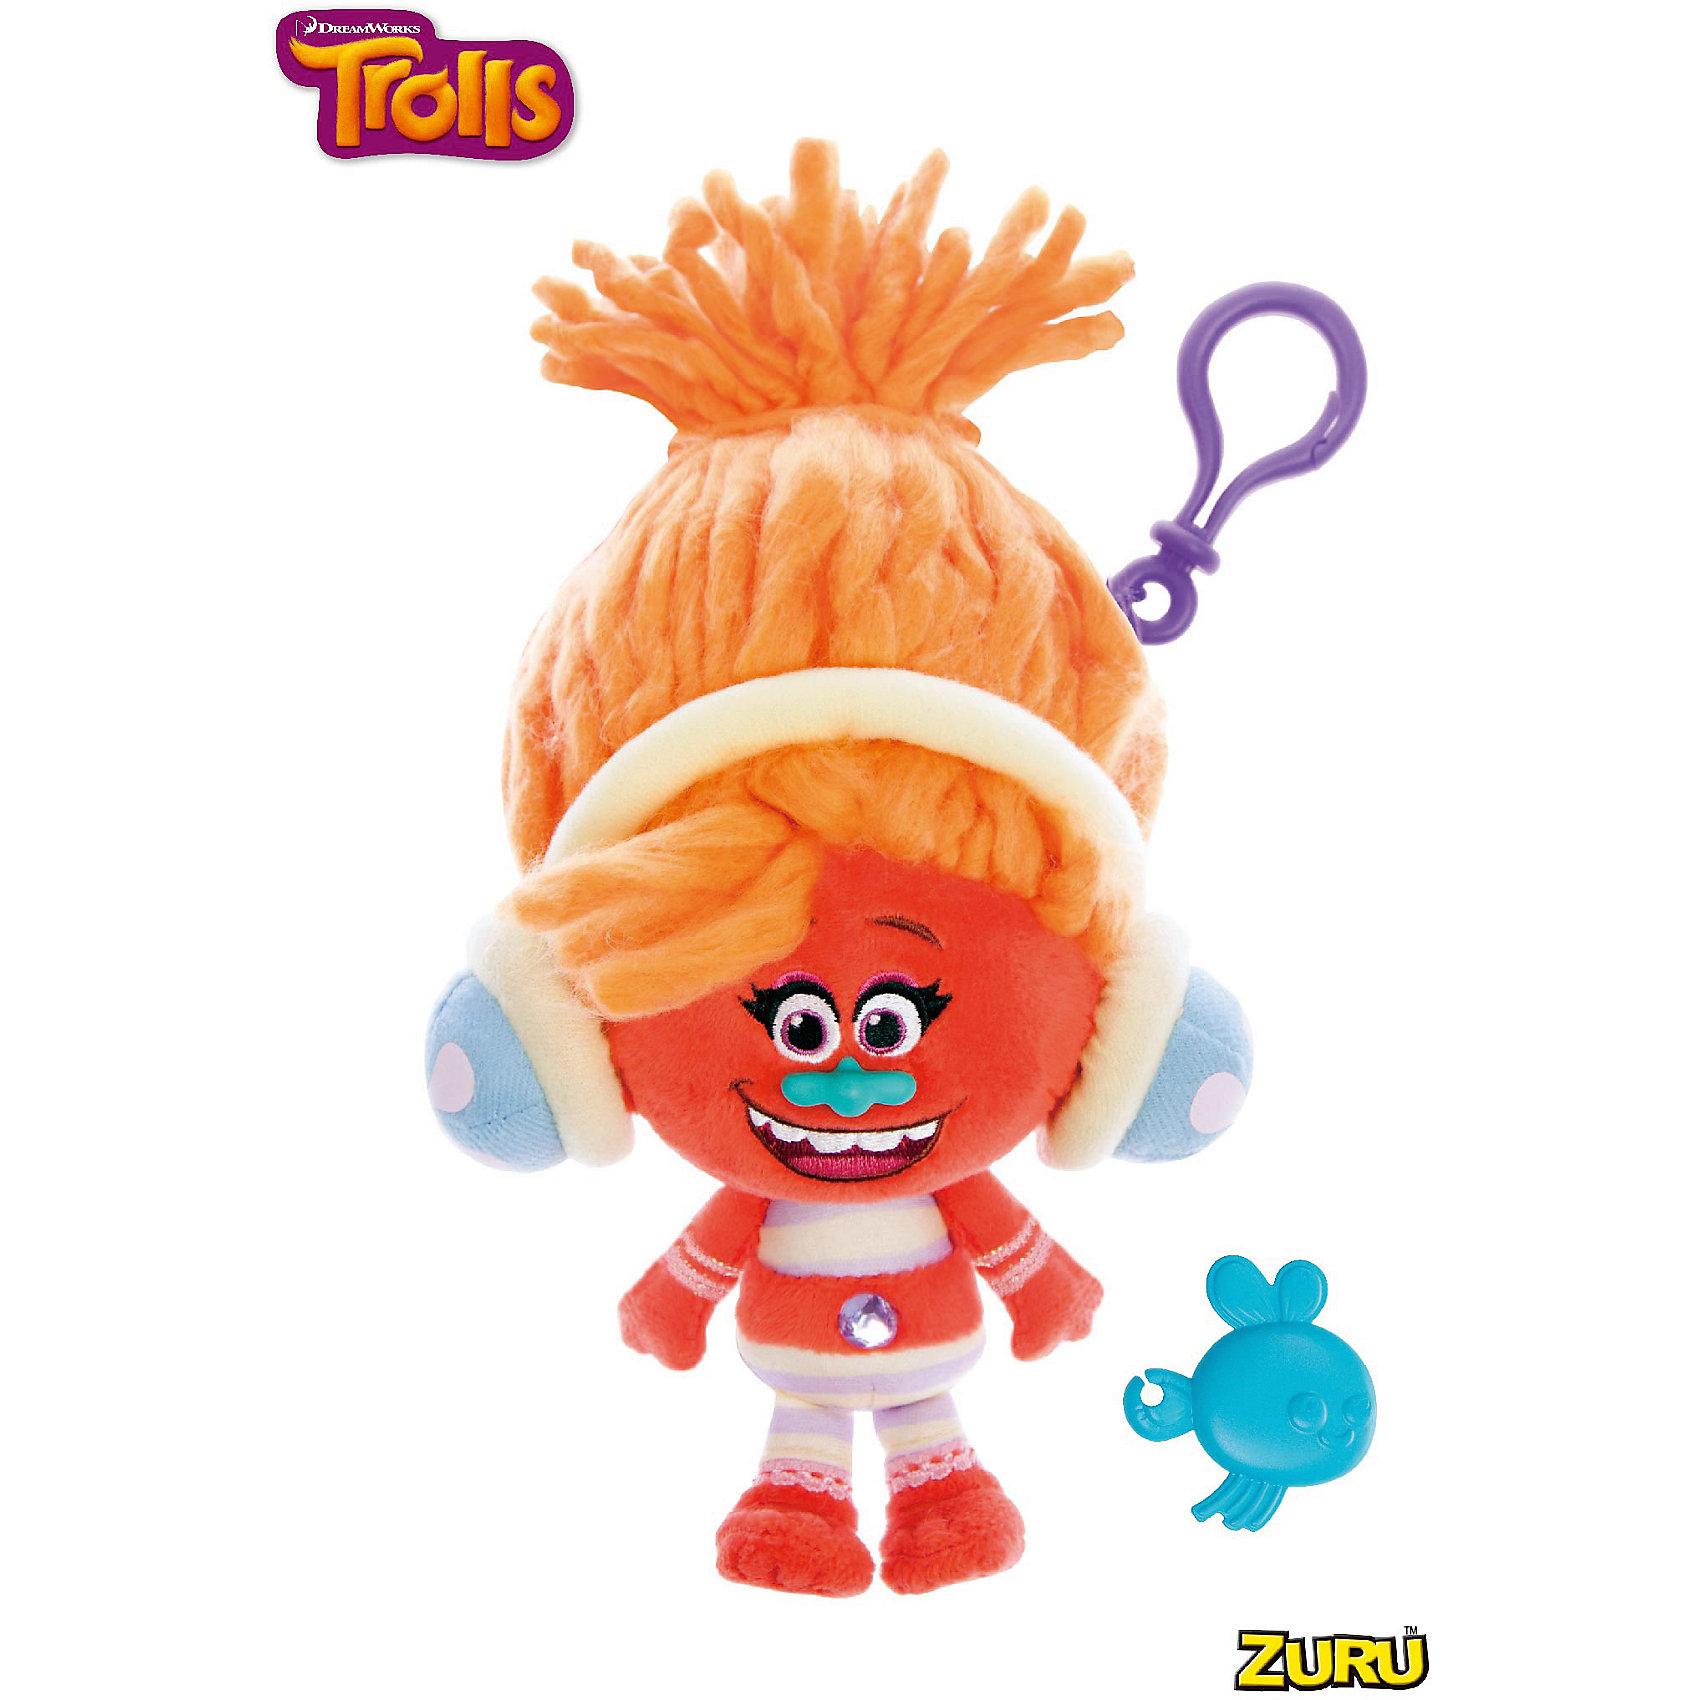 Тролль-кукла DJ Звуки, 26 смТролль-кукла DJ Звуки, 26 см - игрушка, которая наверняка порадует поклонников мультфильма Тролли. <br><br>Тролли - смешная и увлекательная анимационная комедия от студии DreamWorks. Фильм повествует об удивительном и сказочном мире,  в котором проживают не менее удивительные существа - тролли и их  противники - бергены. Тролли - веселые беззаботные создания, привыкшие петь и танцевать дни напролет. Бергены же наоборот, чувствуют себя счастливыми только тогда, когда тролли оказываются в их желудке. <br><br>Дополнительная информация:<br><br>- Высота игрушки: 26 см.<br>- В комплект вместе с игрушкой входят расческа для волос тролля и карабин.<br>- Материалы: текстиль, пластмасса.<br><br>Тролль-куклу DJ Звуки, 26 см можно купить в нашем интернет-магазине.<br><br>Ширина мм: 200<br>Глубина мм: 70<br>Высота мм: 260<br>Вес г: 210<br>Возраст от месяцев: 36<br>Возраст до месяцев: 2147483647<br>Пол: Унисекс<br>Возраст: Детский<br>SKU: 4919072